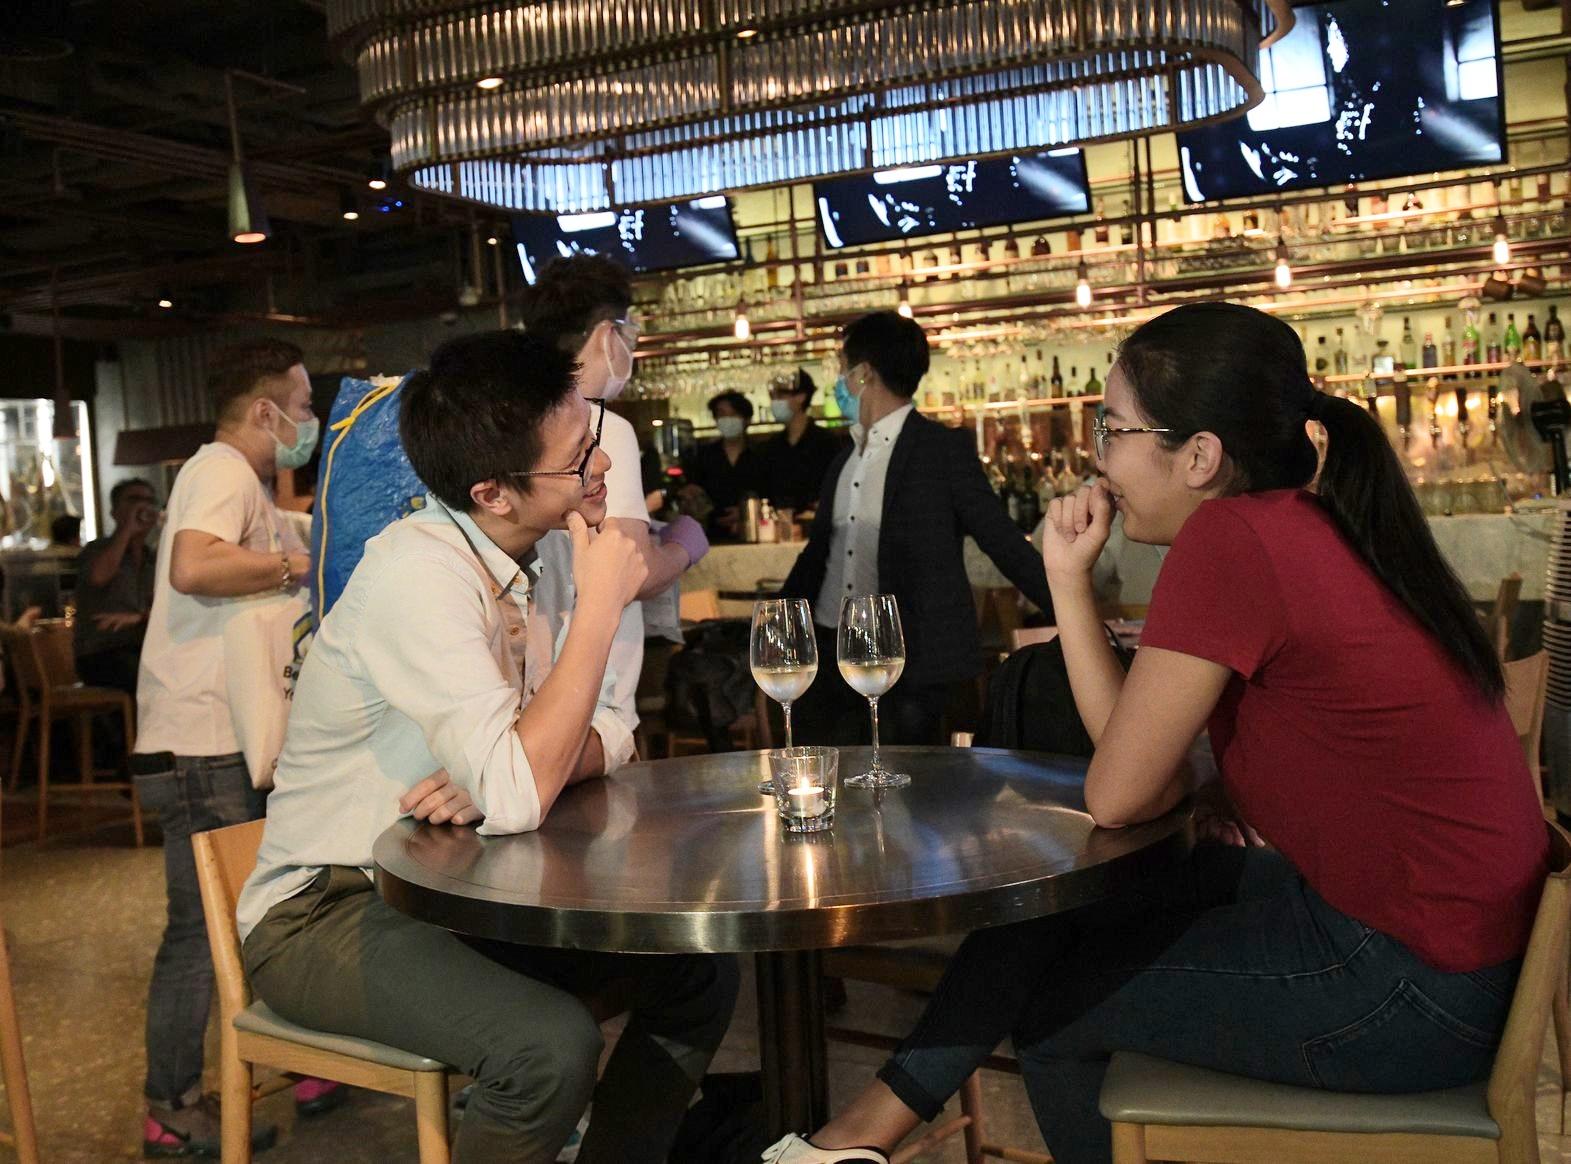 食環署過去兩晚於酒吧區共派1286樣本瓶 | 多倫多 | 加拿大中文新聞網 - 加拿大星島日報 Canada Chinese News